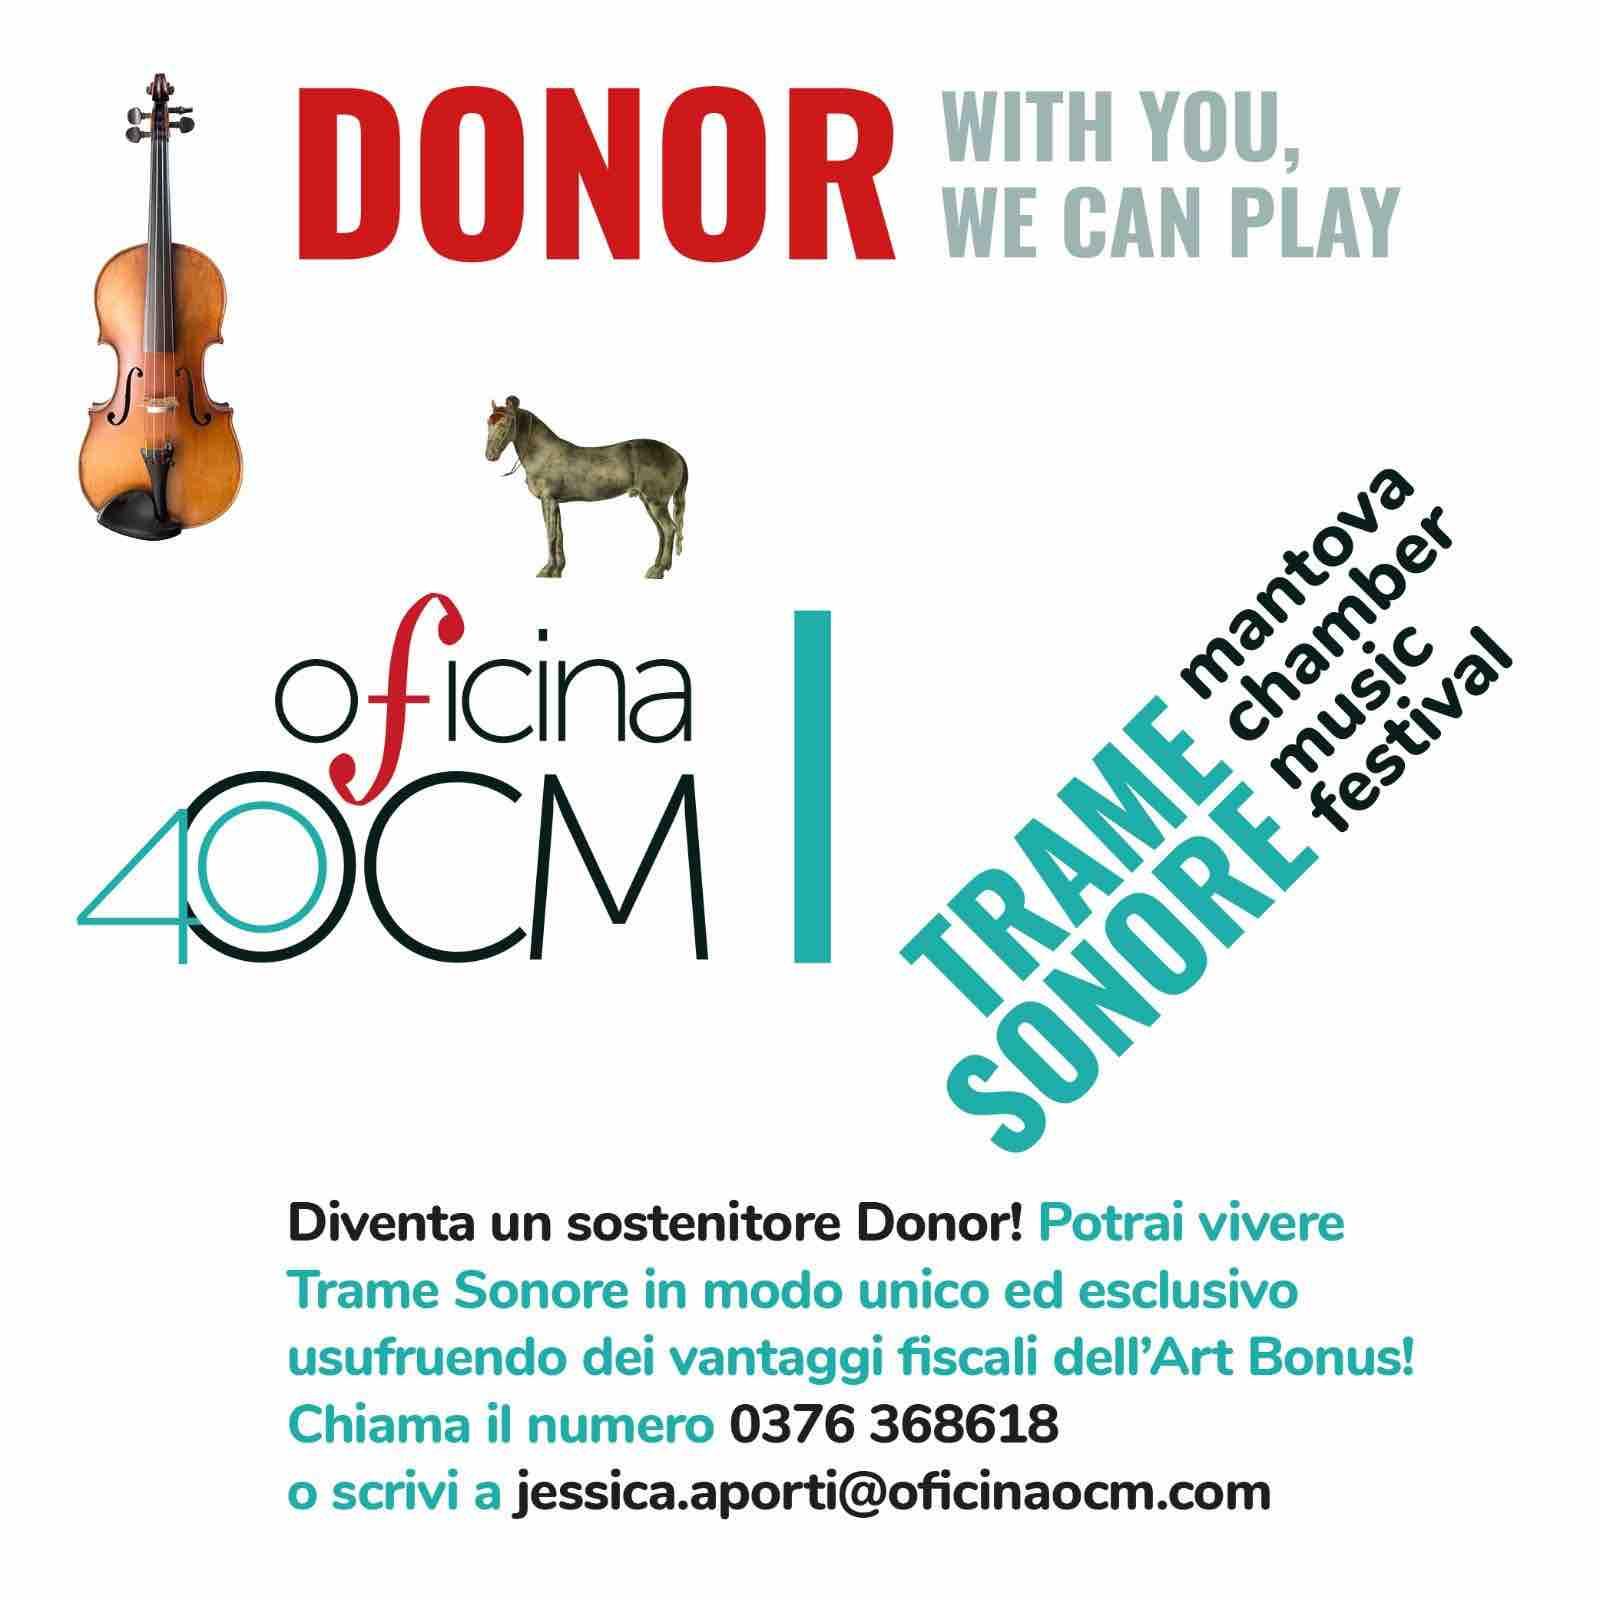 Come diventare un Donor: sostieni il Festival da protagonista!